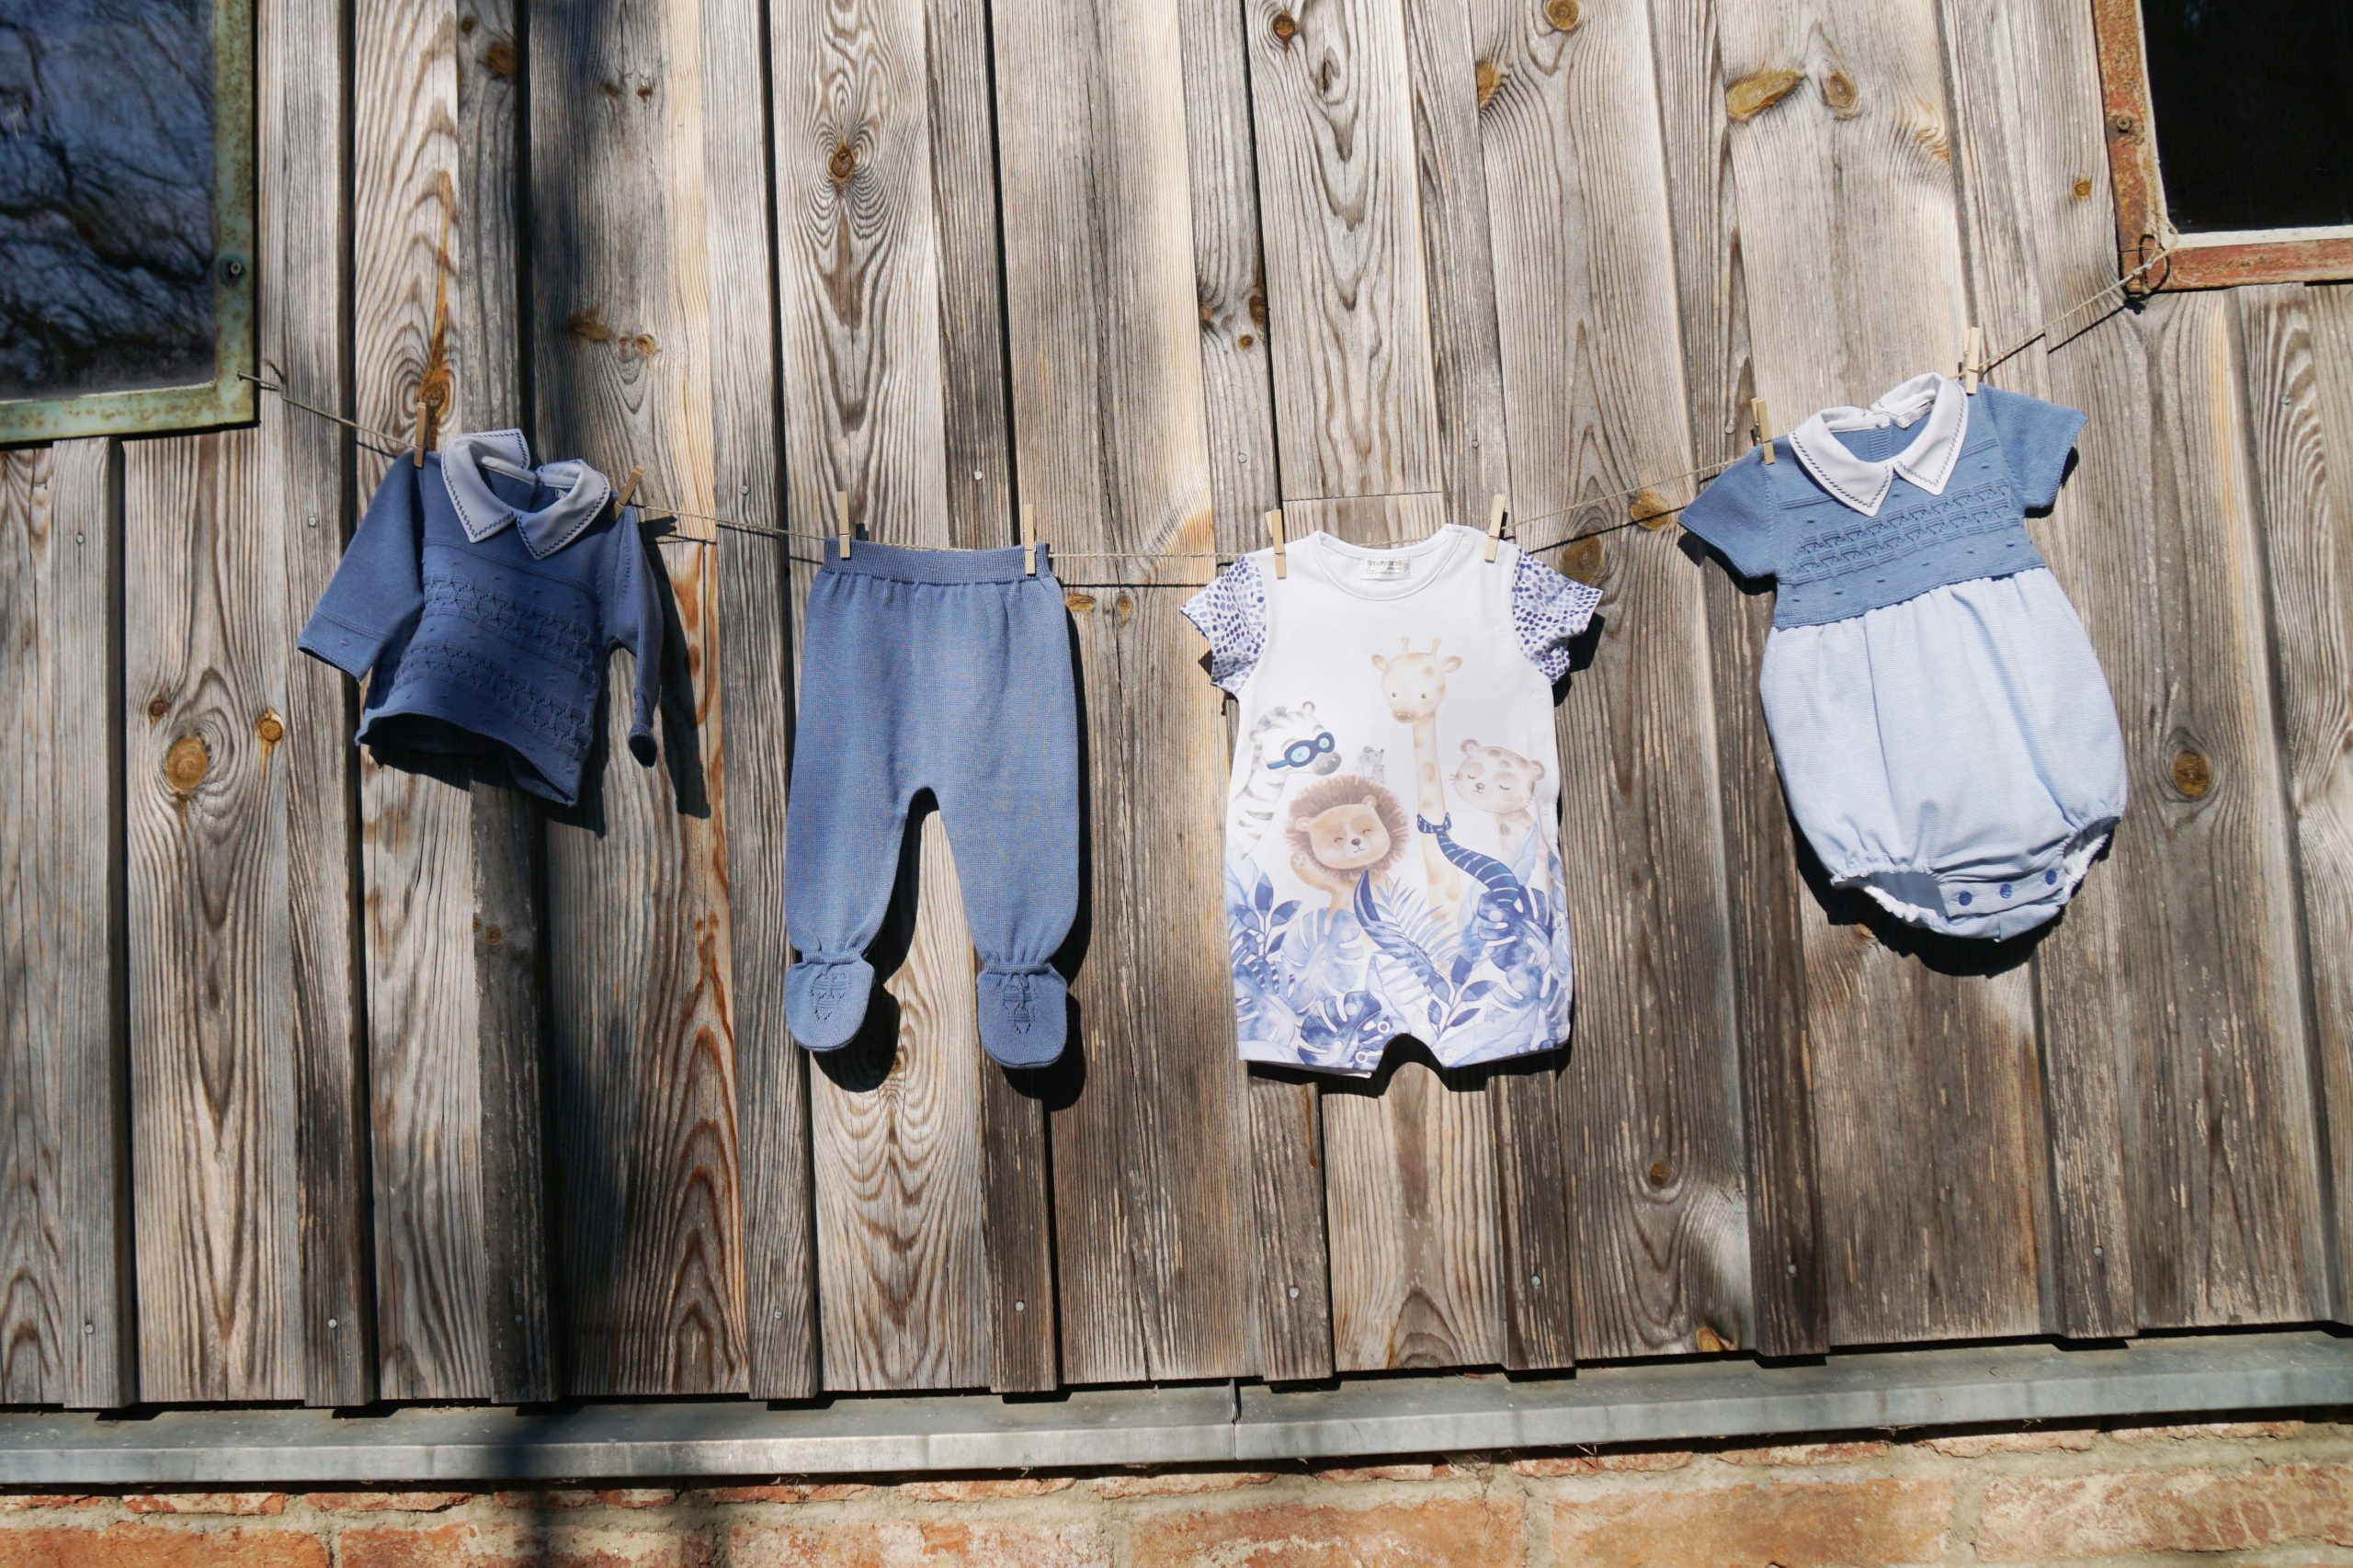 kindermode, Tracht, Gerstner, Kindermoden, Taufe, Baby, Graz, Kinder, erstkommunion